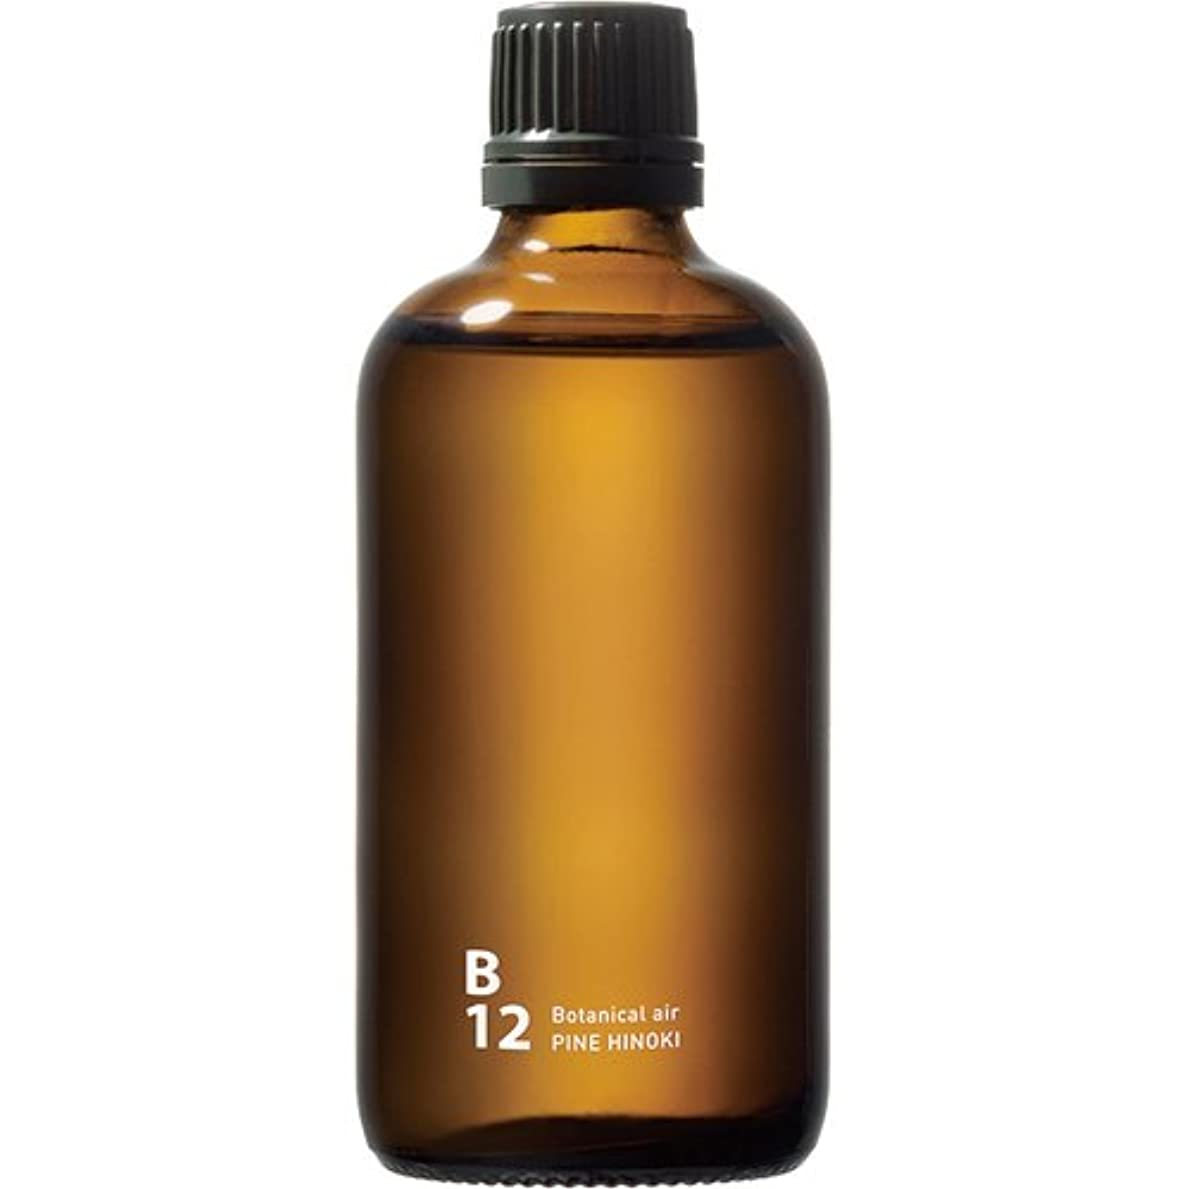 処方するいつか航空便B12 PINE HINOKI piezo aroma oil 100ml